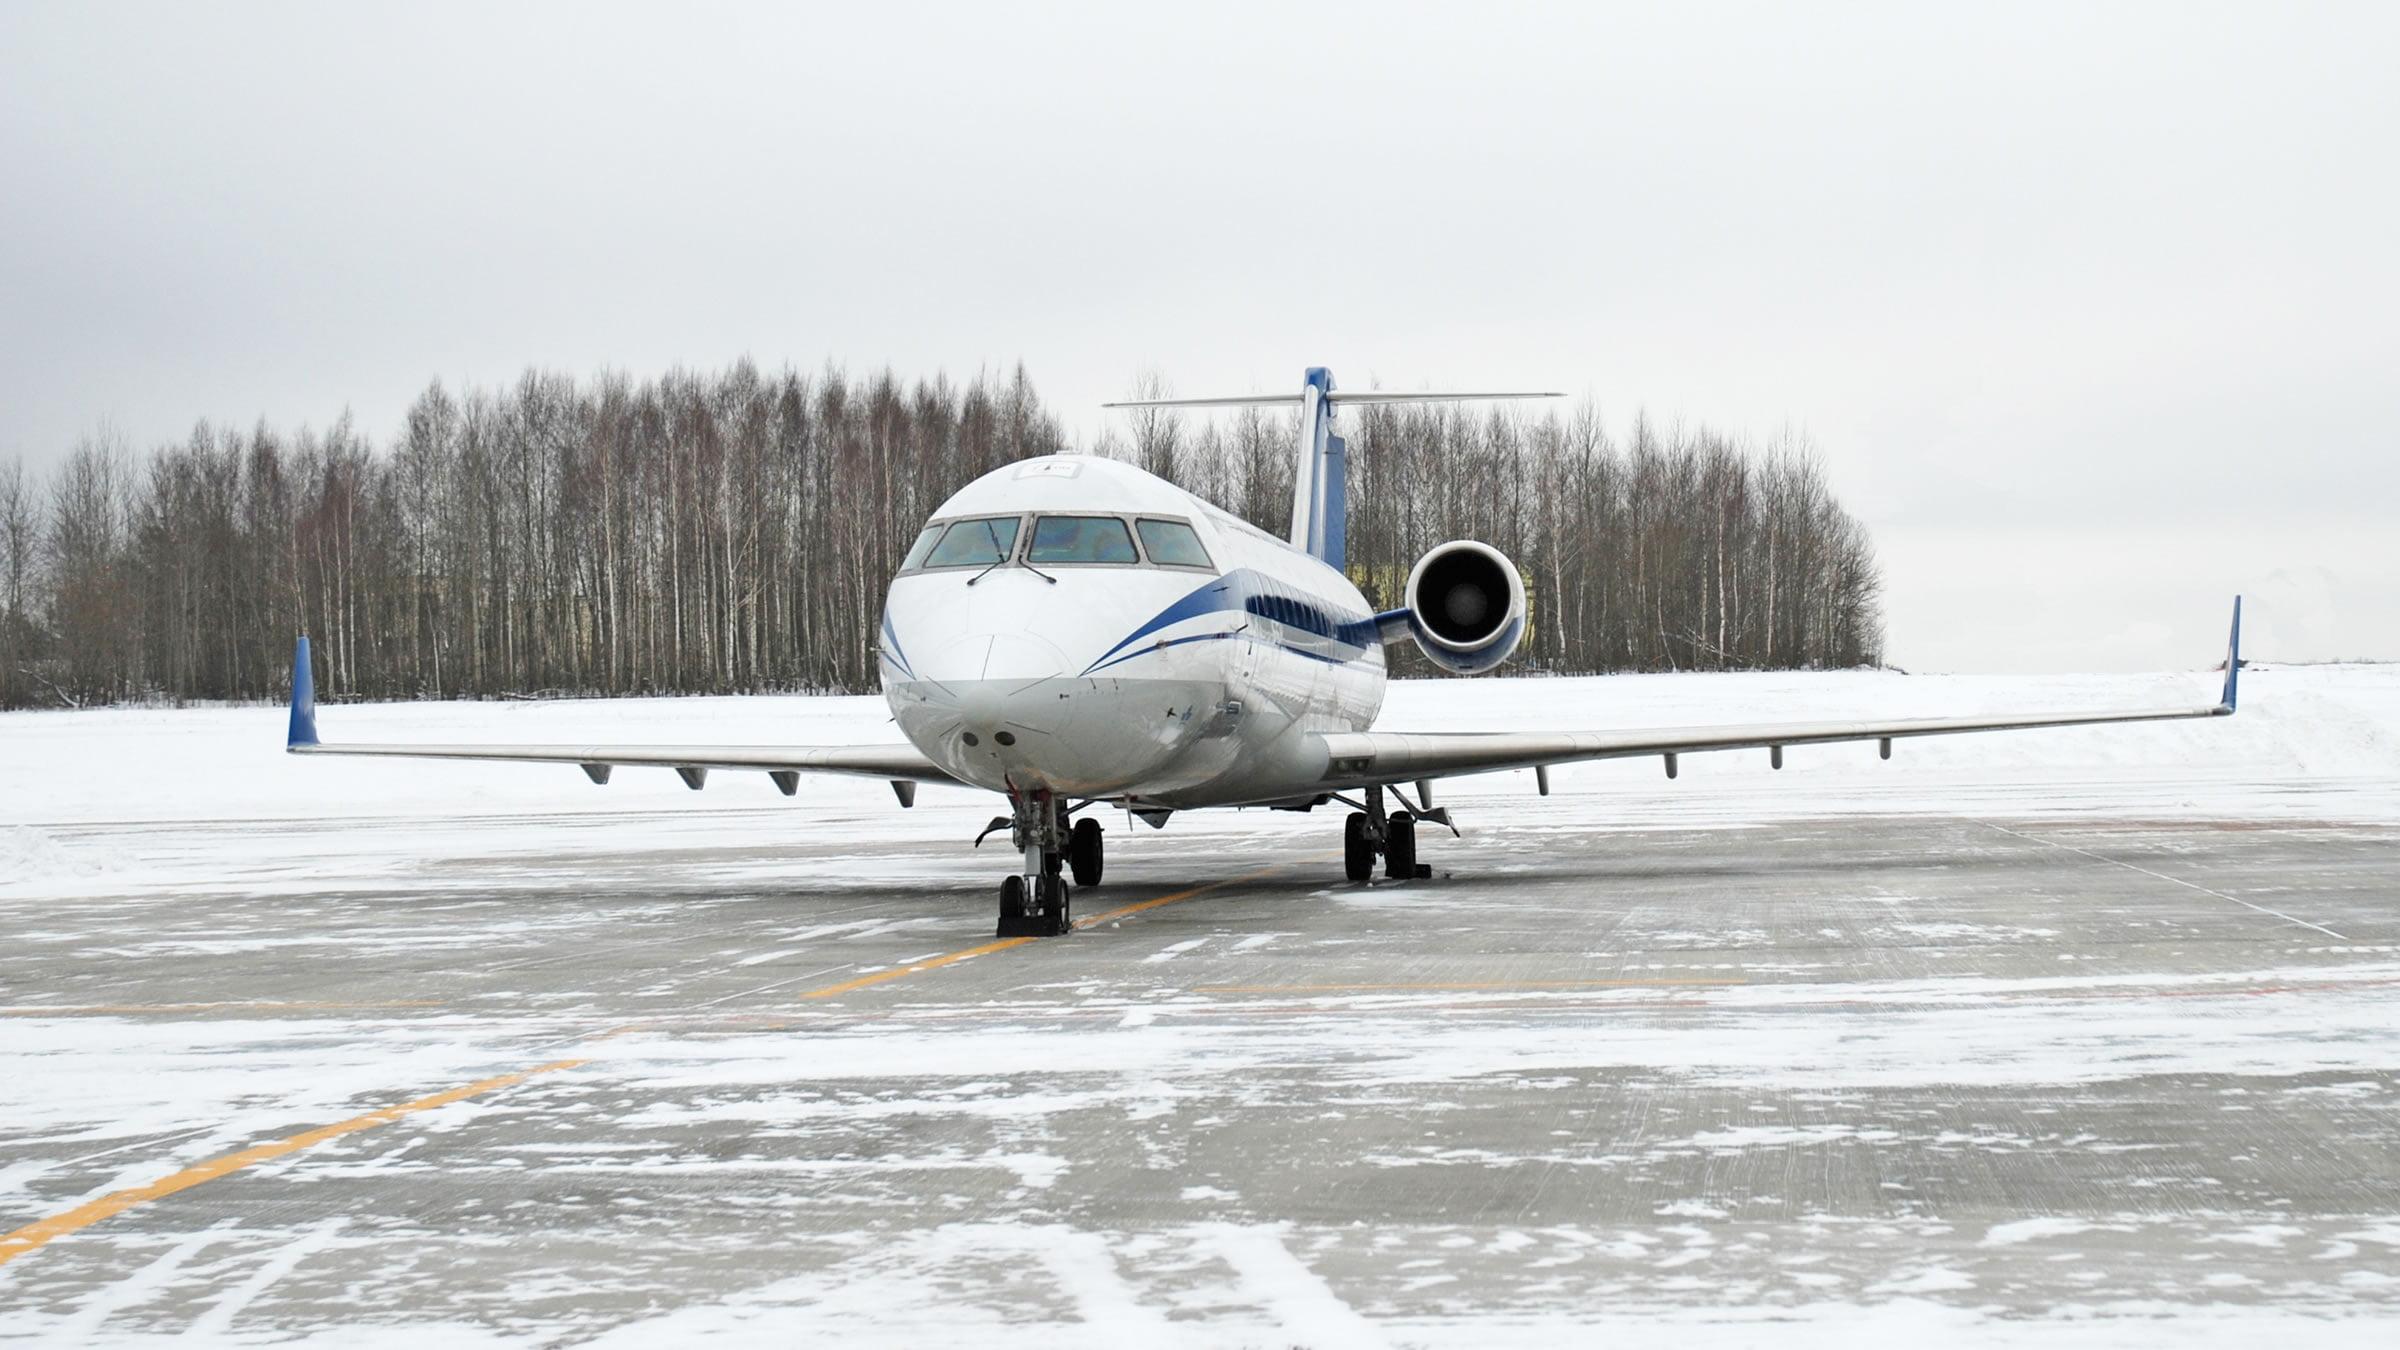 Imágenes Personas Viajando En Avion: Viajar En Avión En Invierno